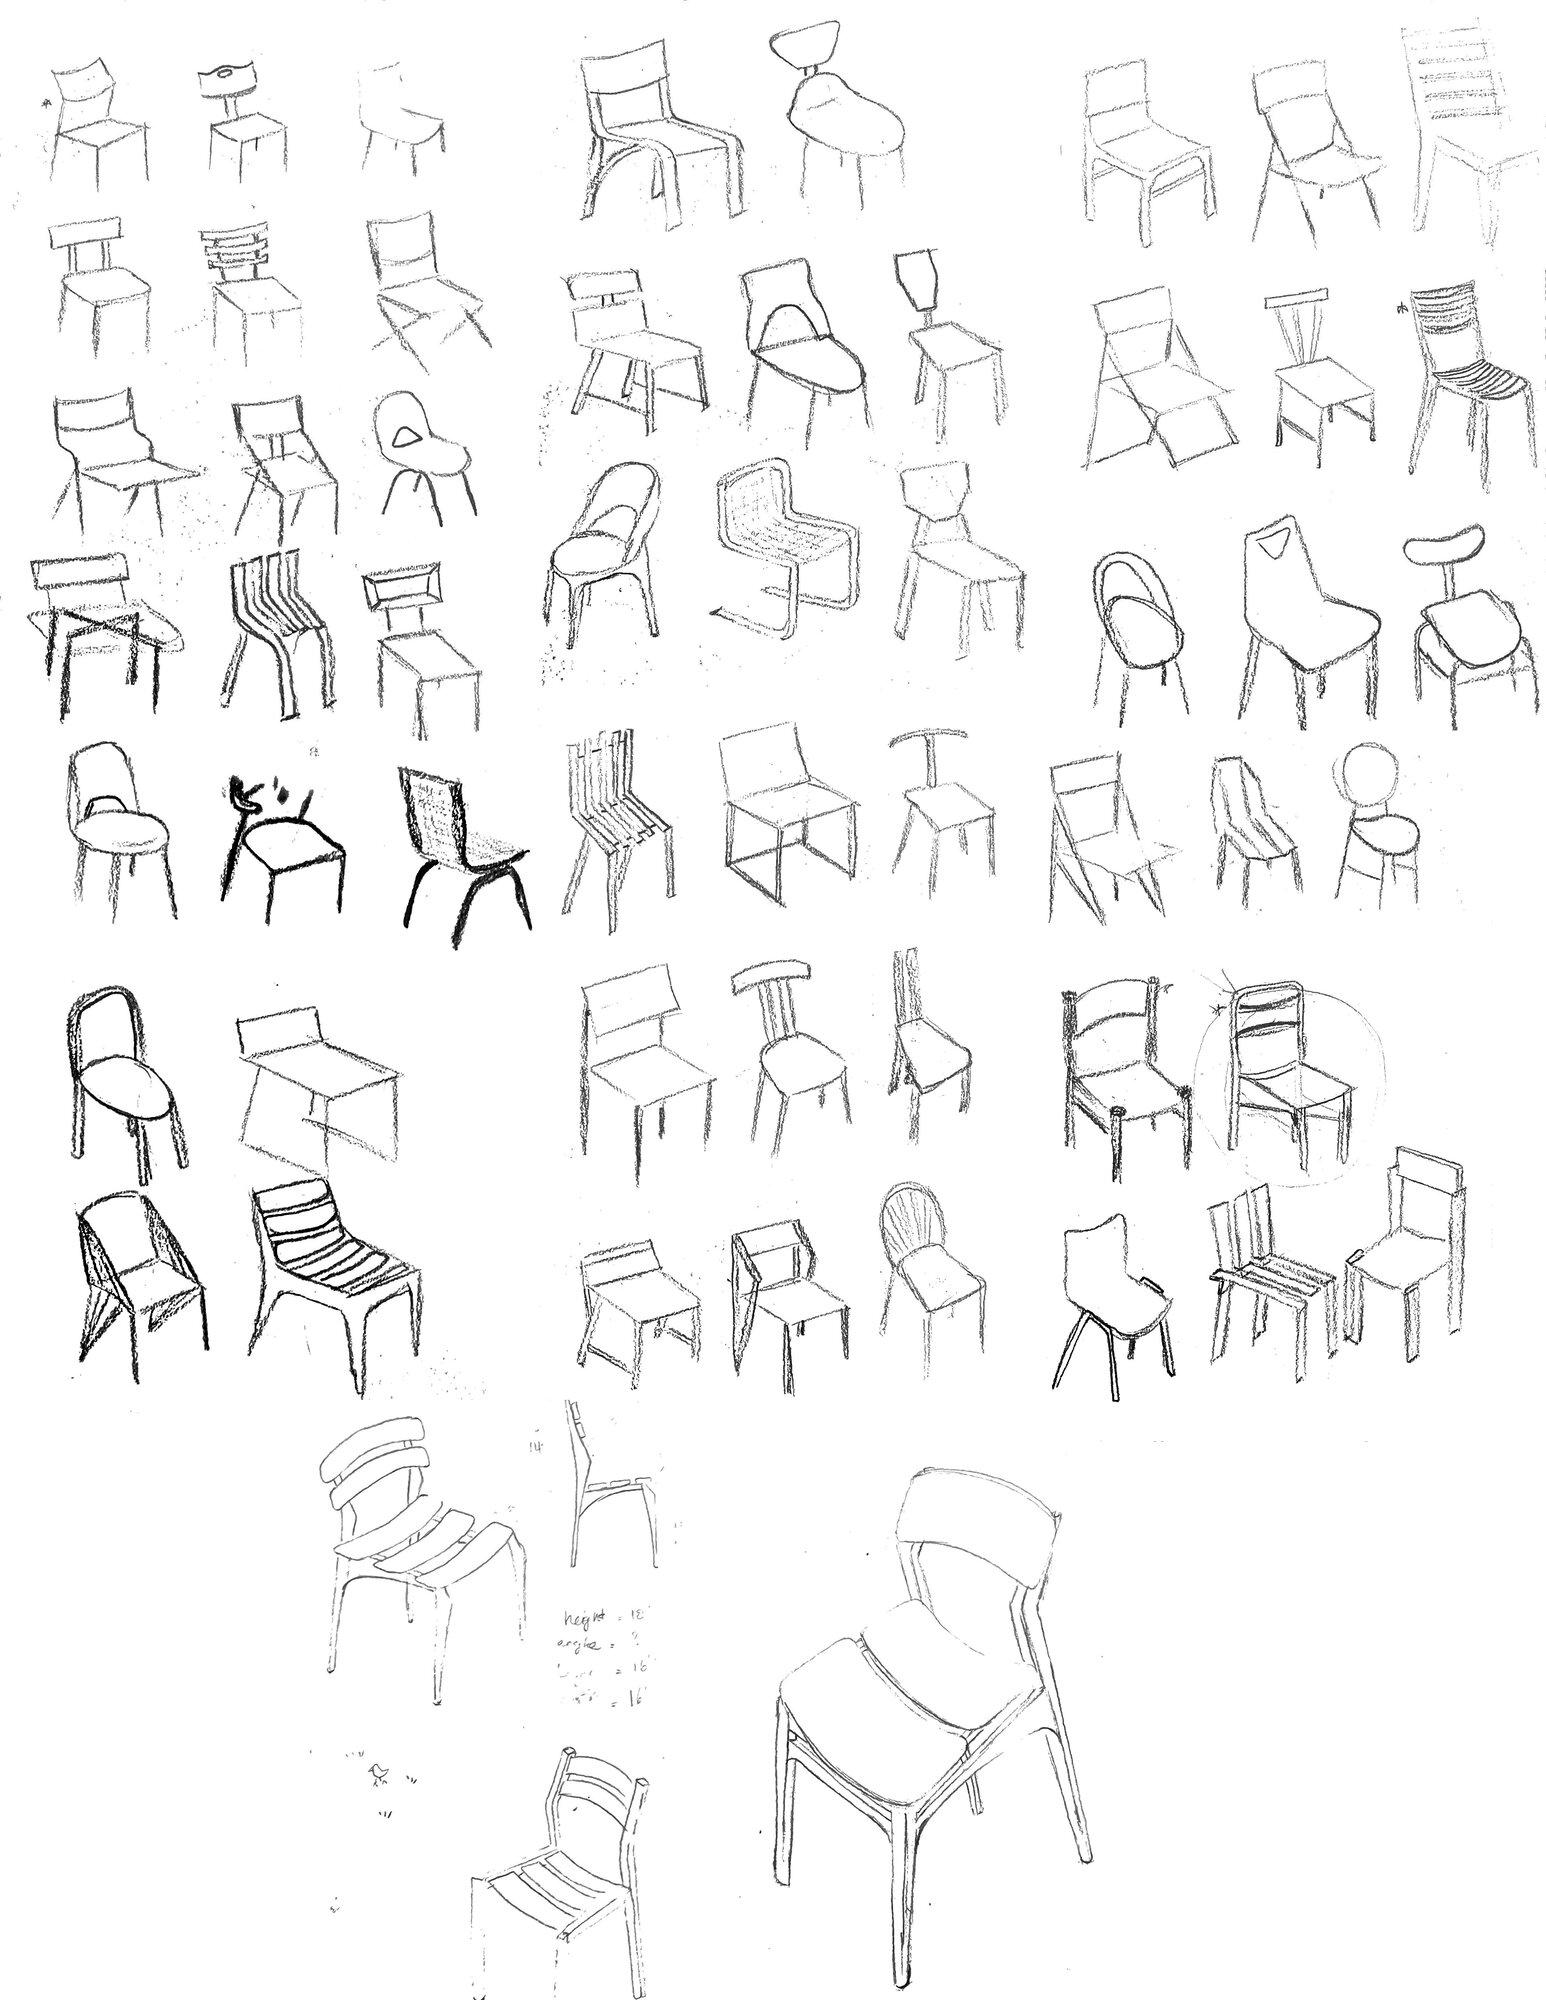 Neda Moshg Foroush Chair Sketches